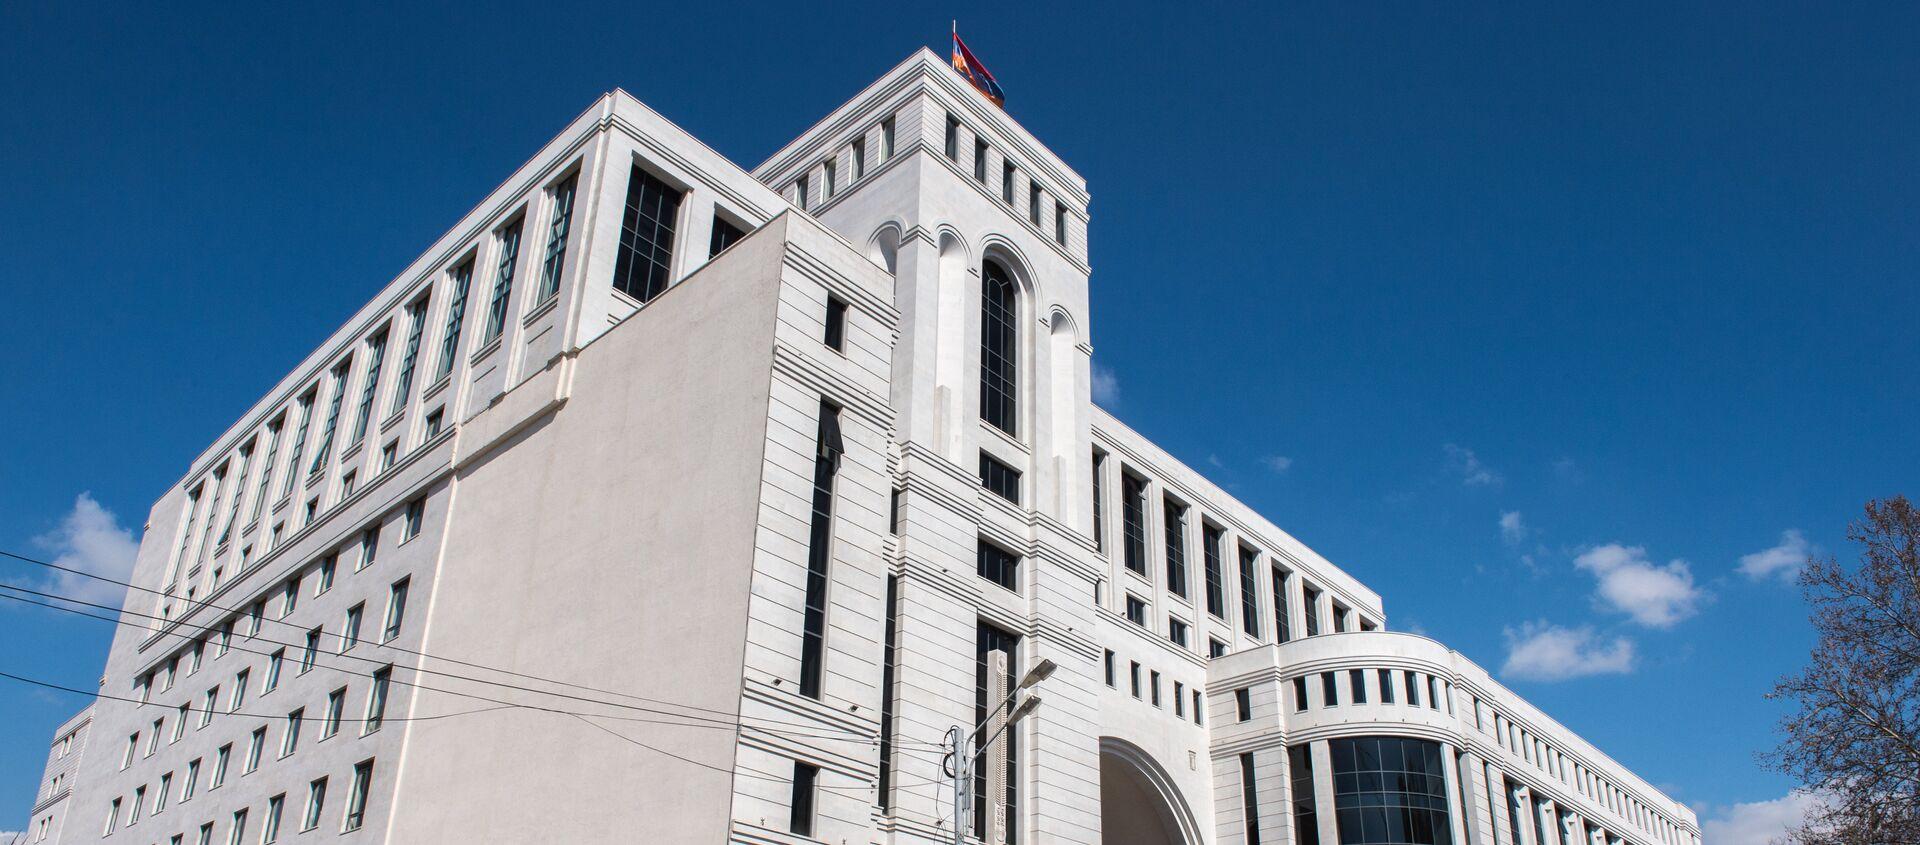 Здание министерств Армении - Sputnik Армения, 1920, 28.07.2021